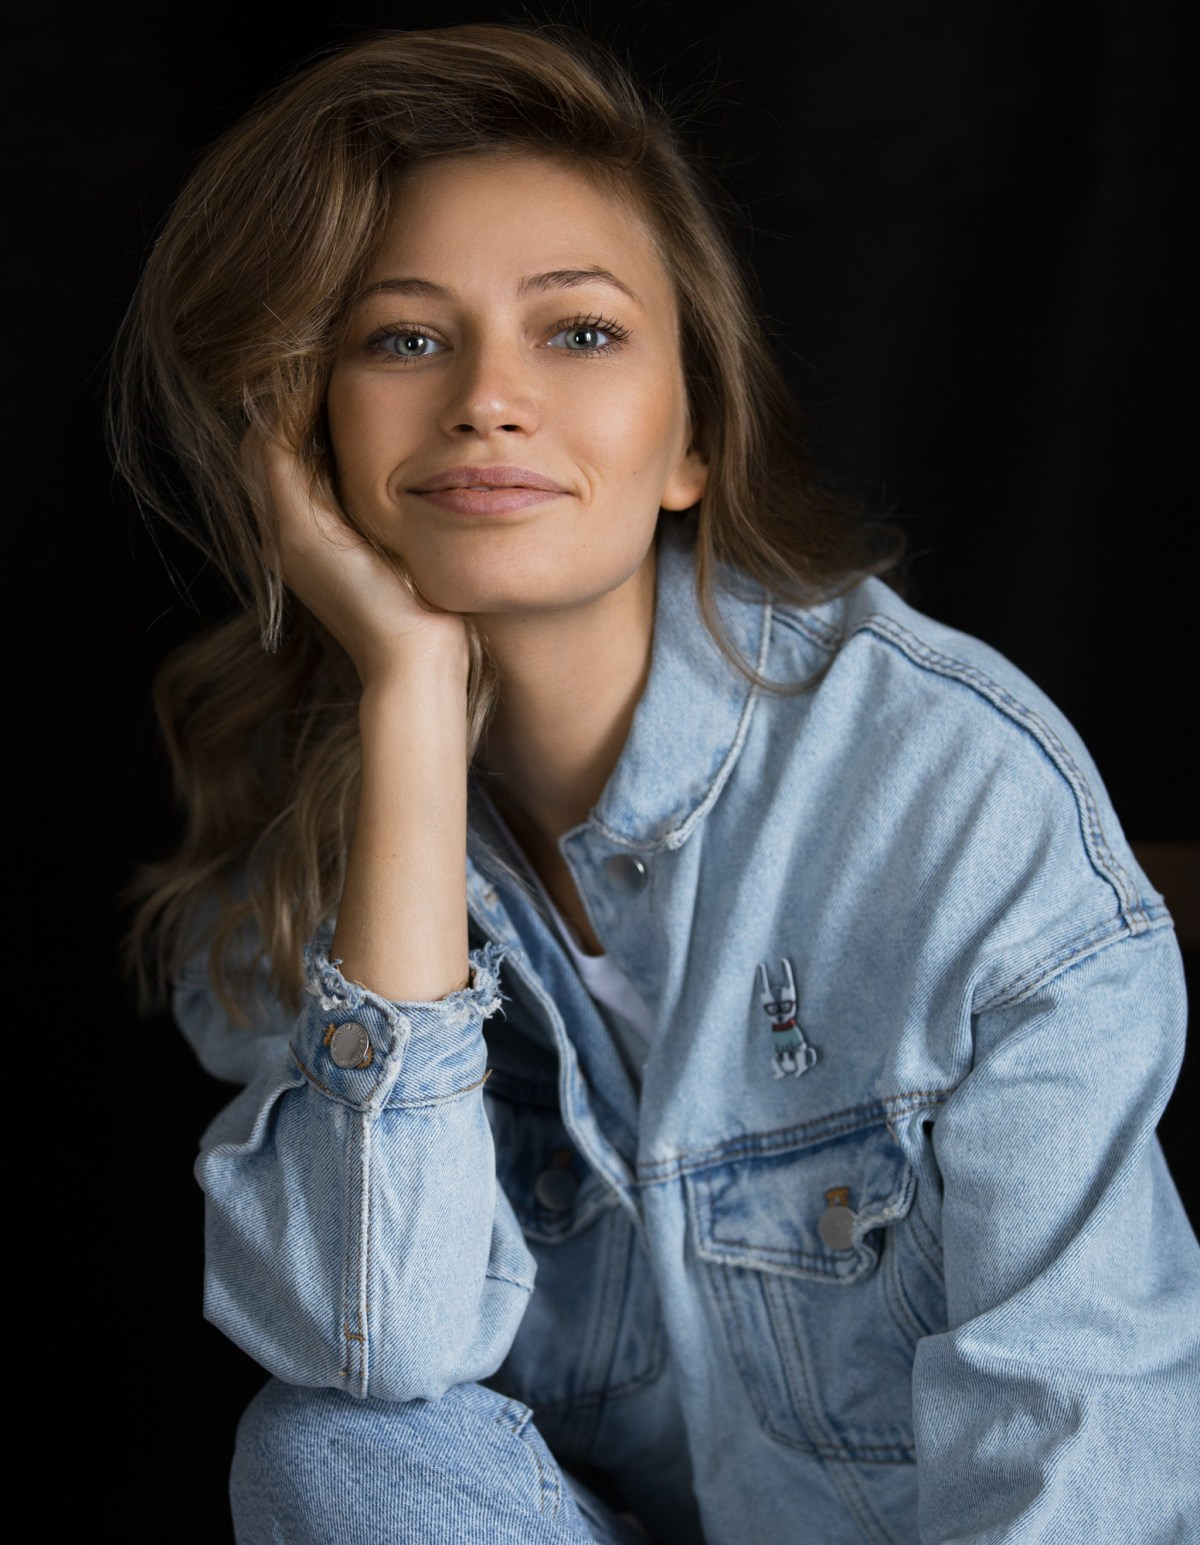 Natasha Golubeva by Ilya Baranov